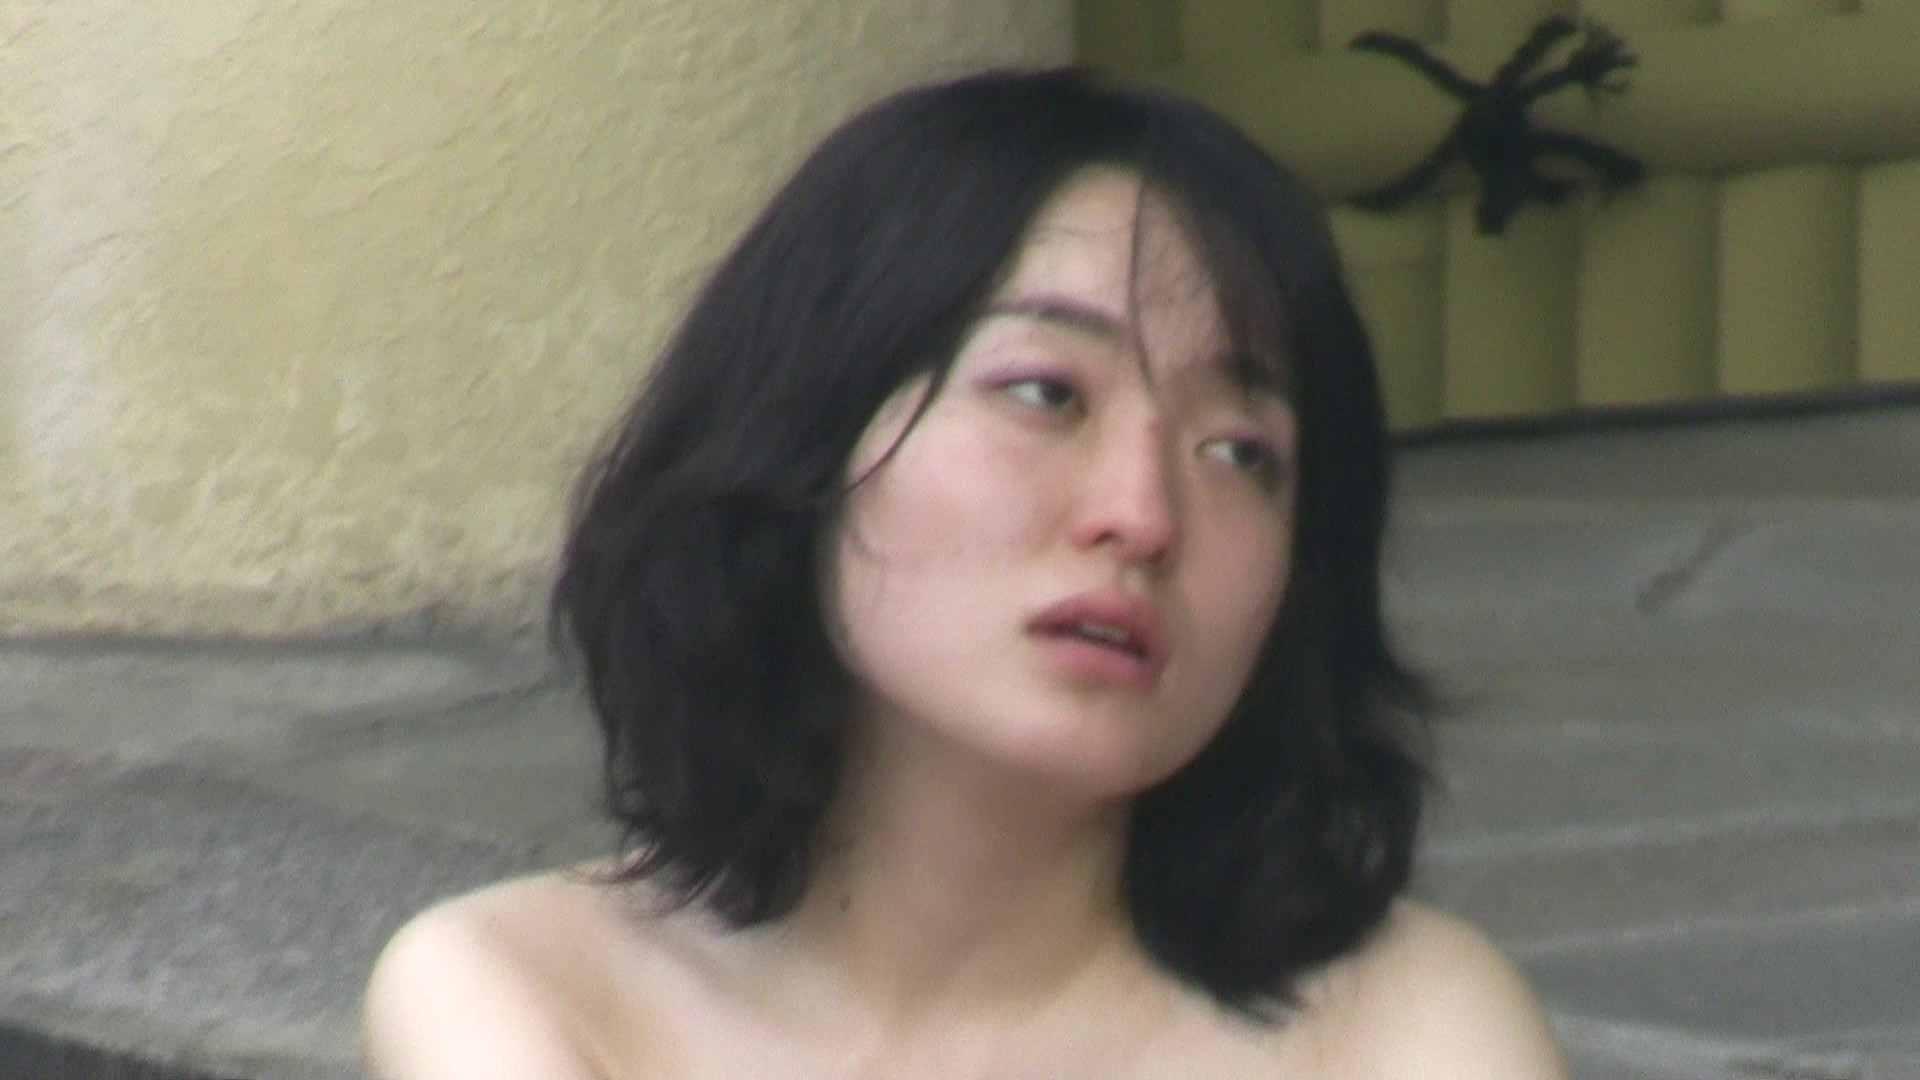 Aquaな露天風呂Vol.681 OLのエロ生活  63連発 39